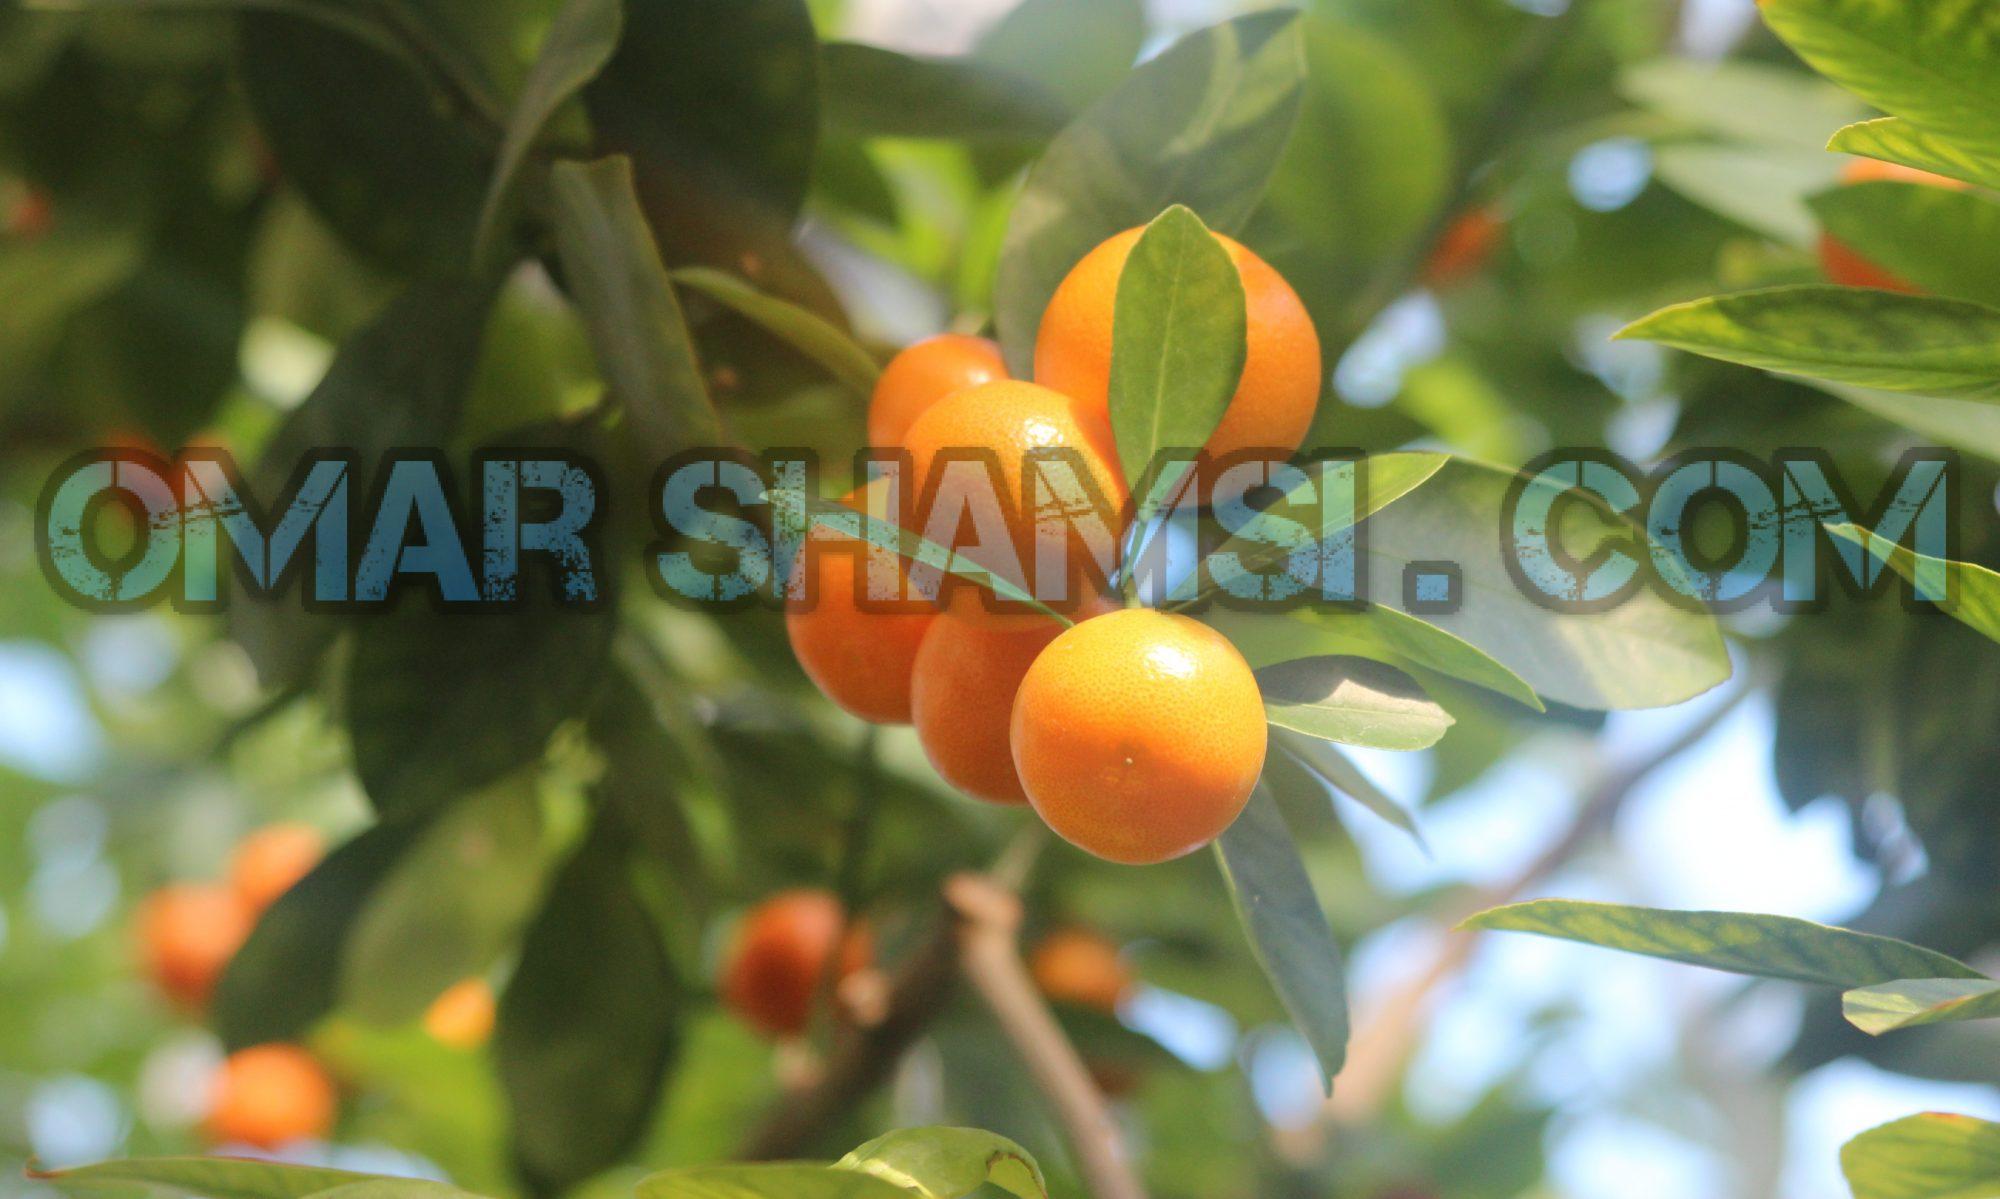 Omar Shamsi